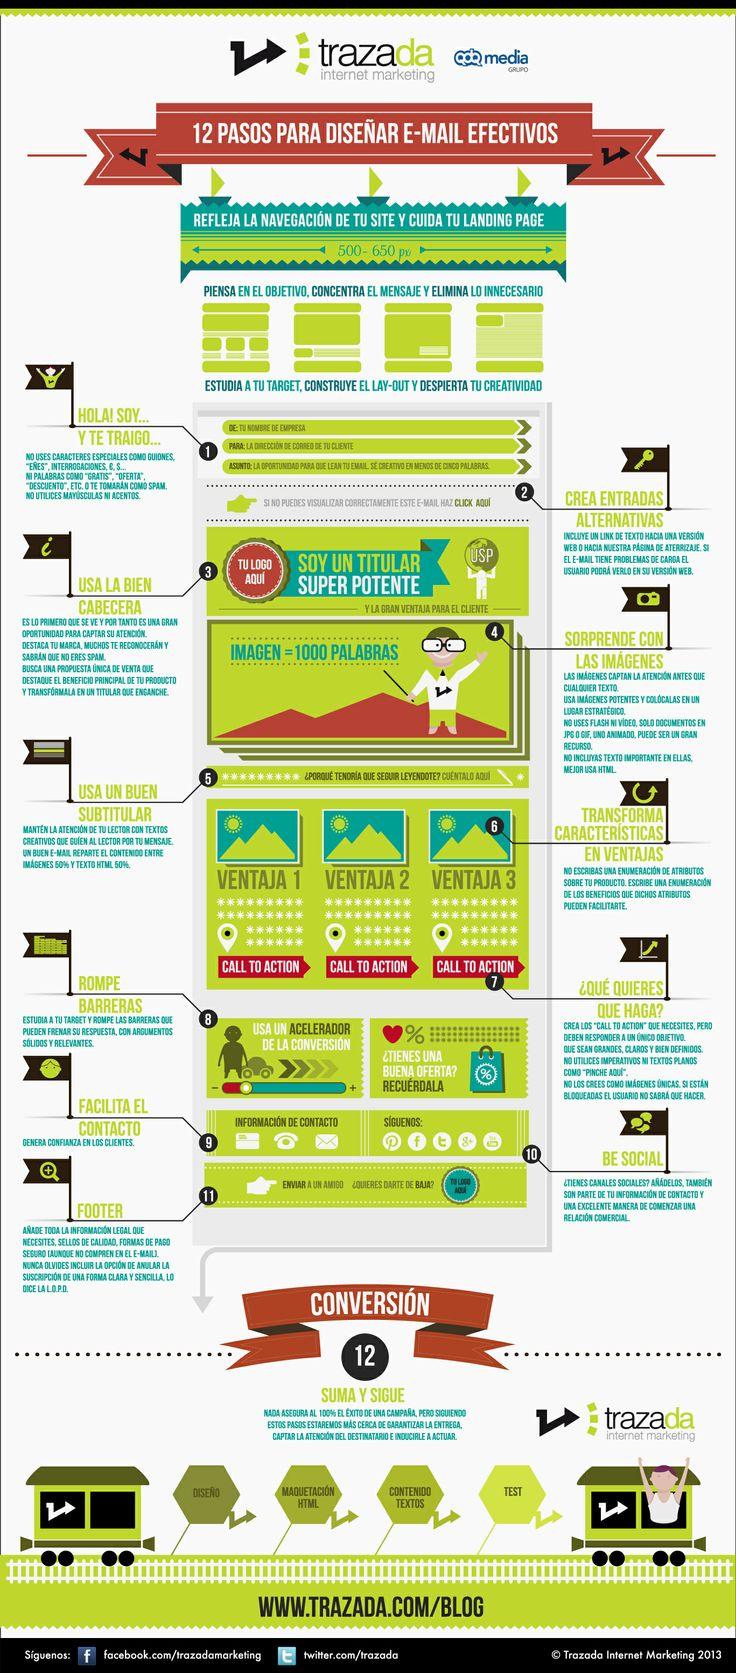 Diseñar un email eficaz en 12 pasos